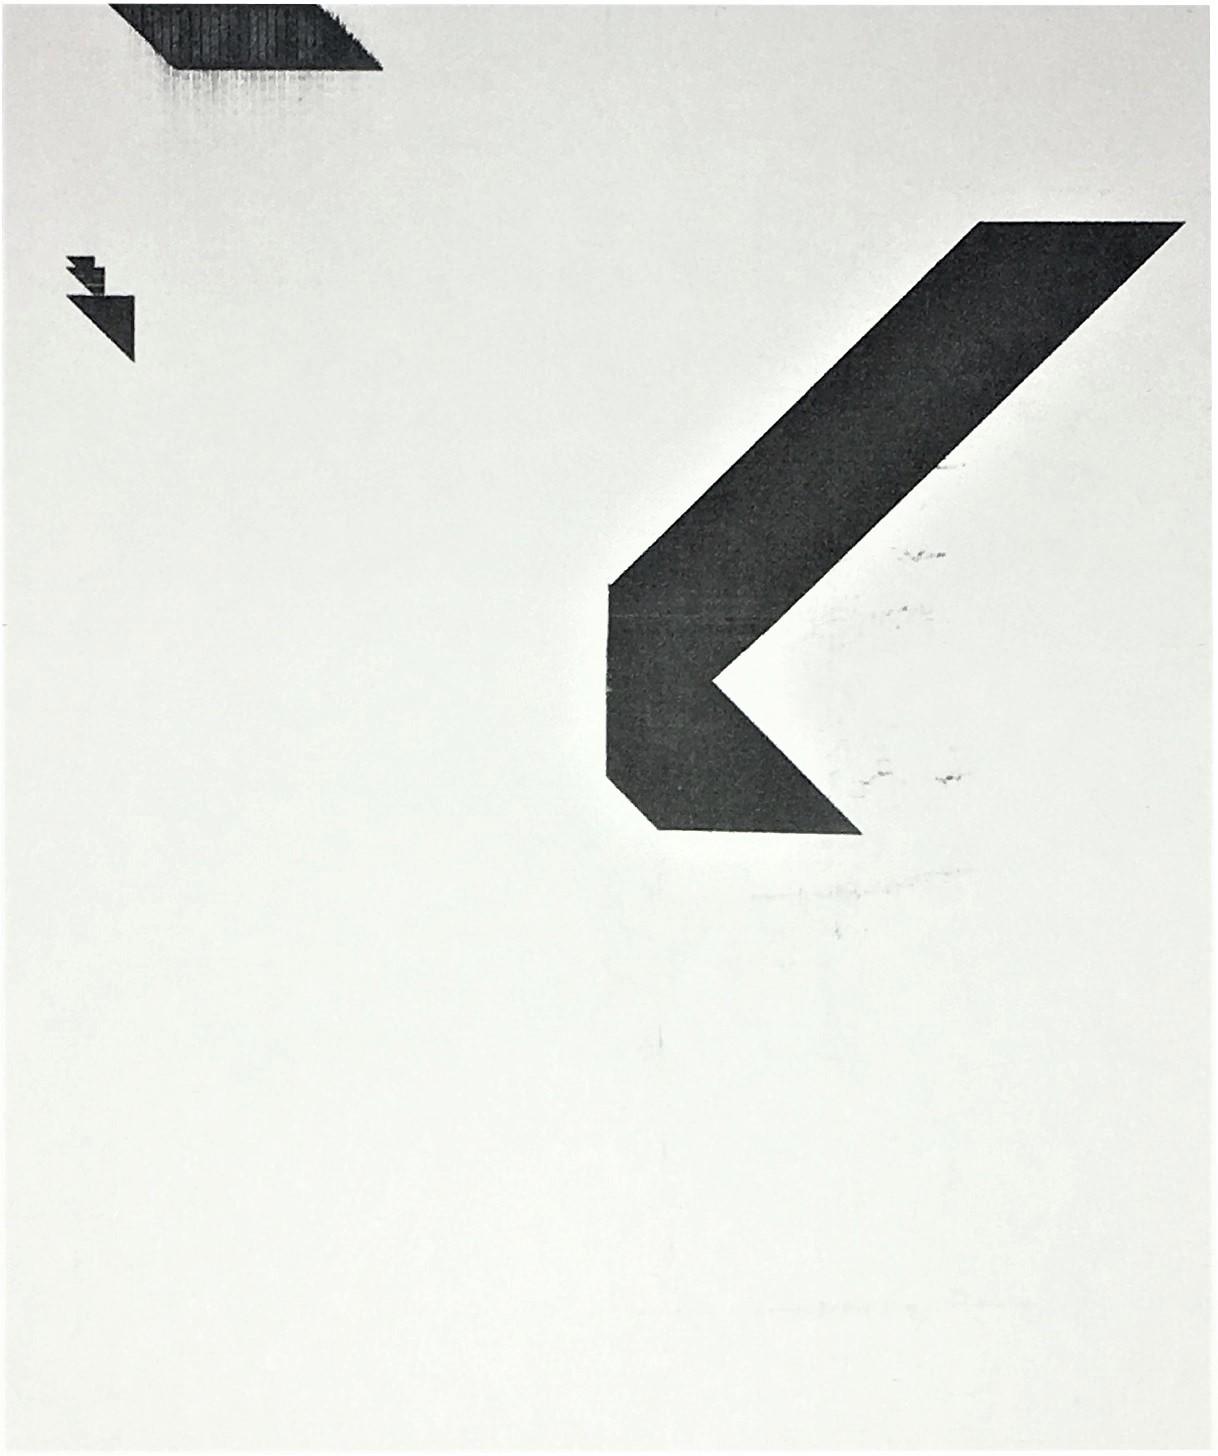 'X' Poster (Untitled, WG1207),  20176 Epson UltraChrome inkjet on linen paper,, 84 × 69 in (213.4 × 175.3 cm)